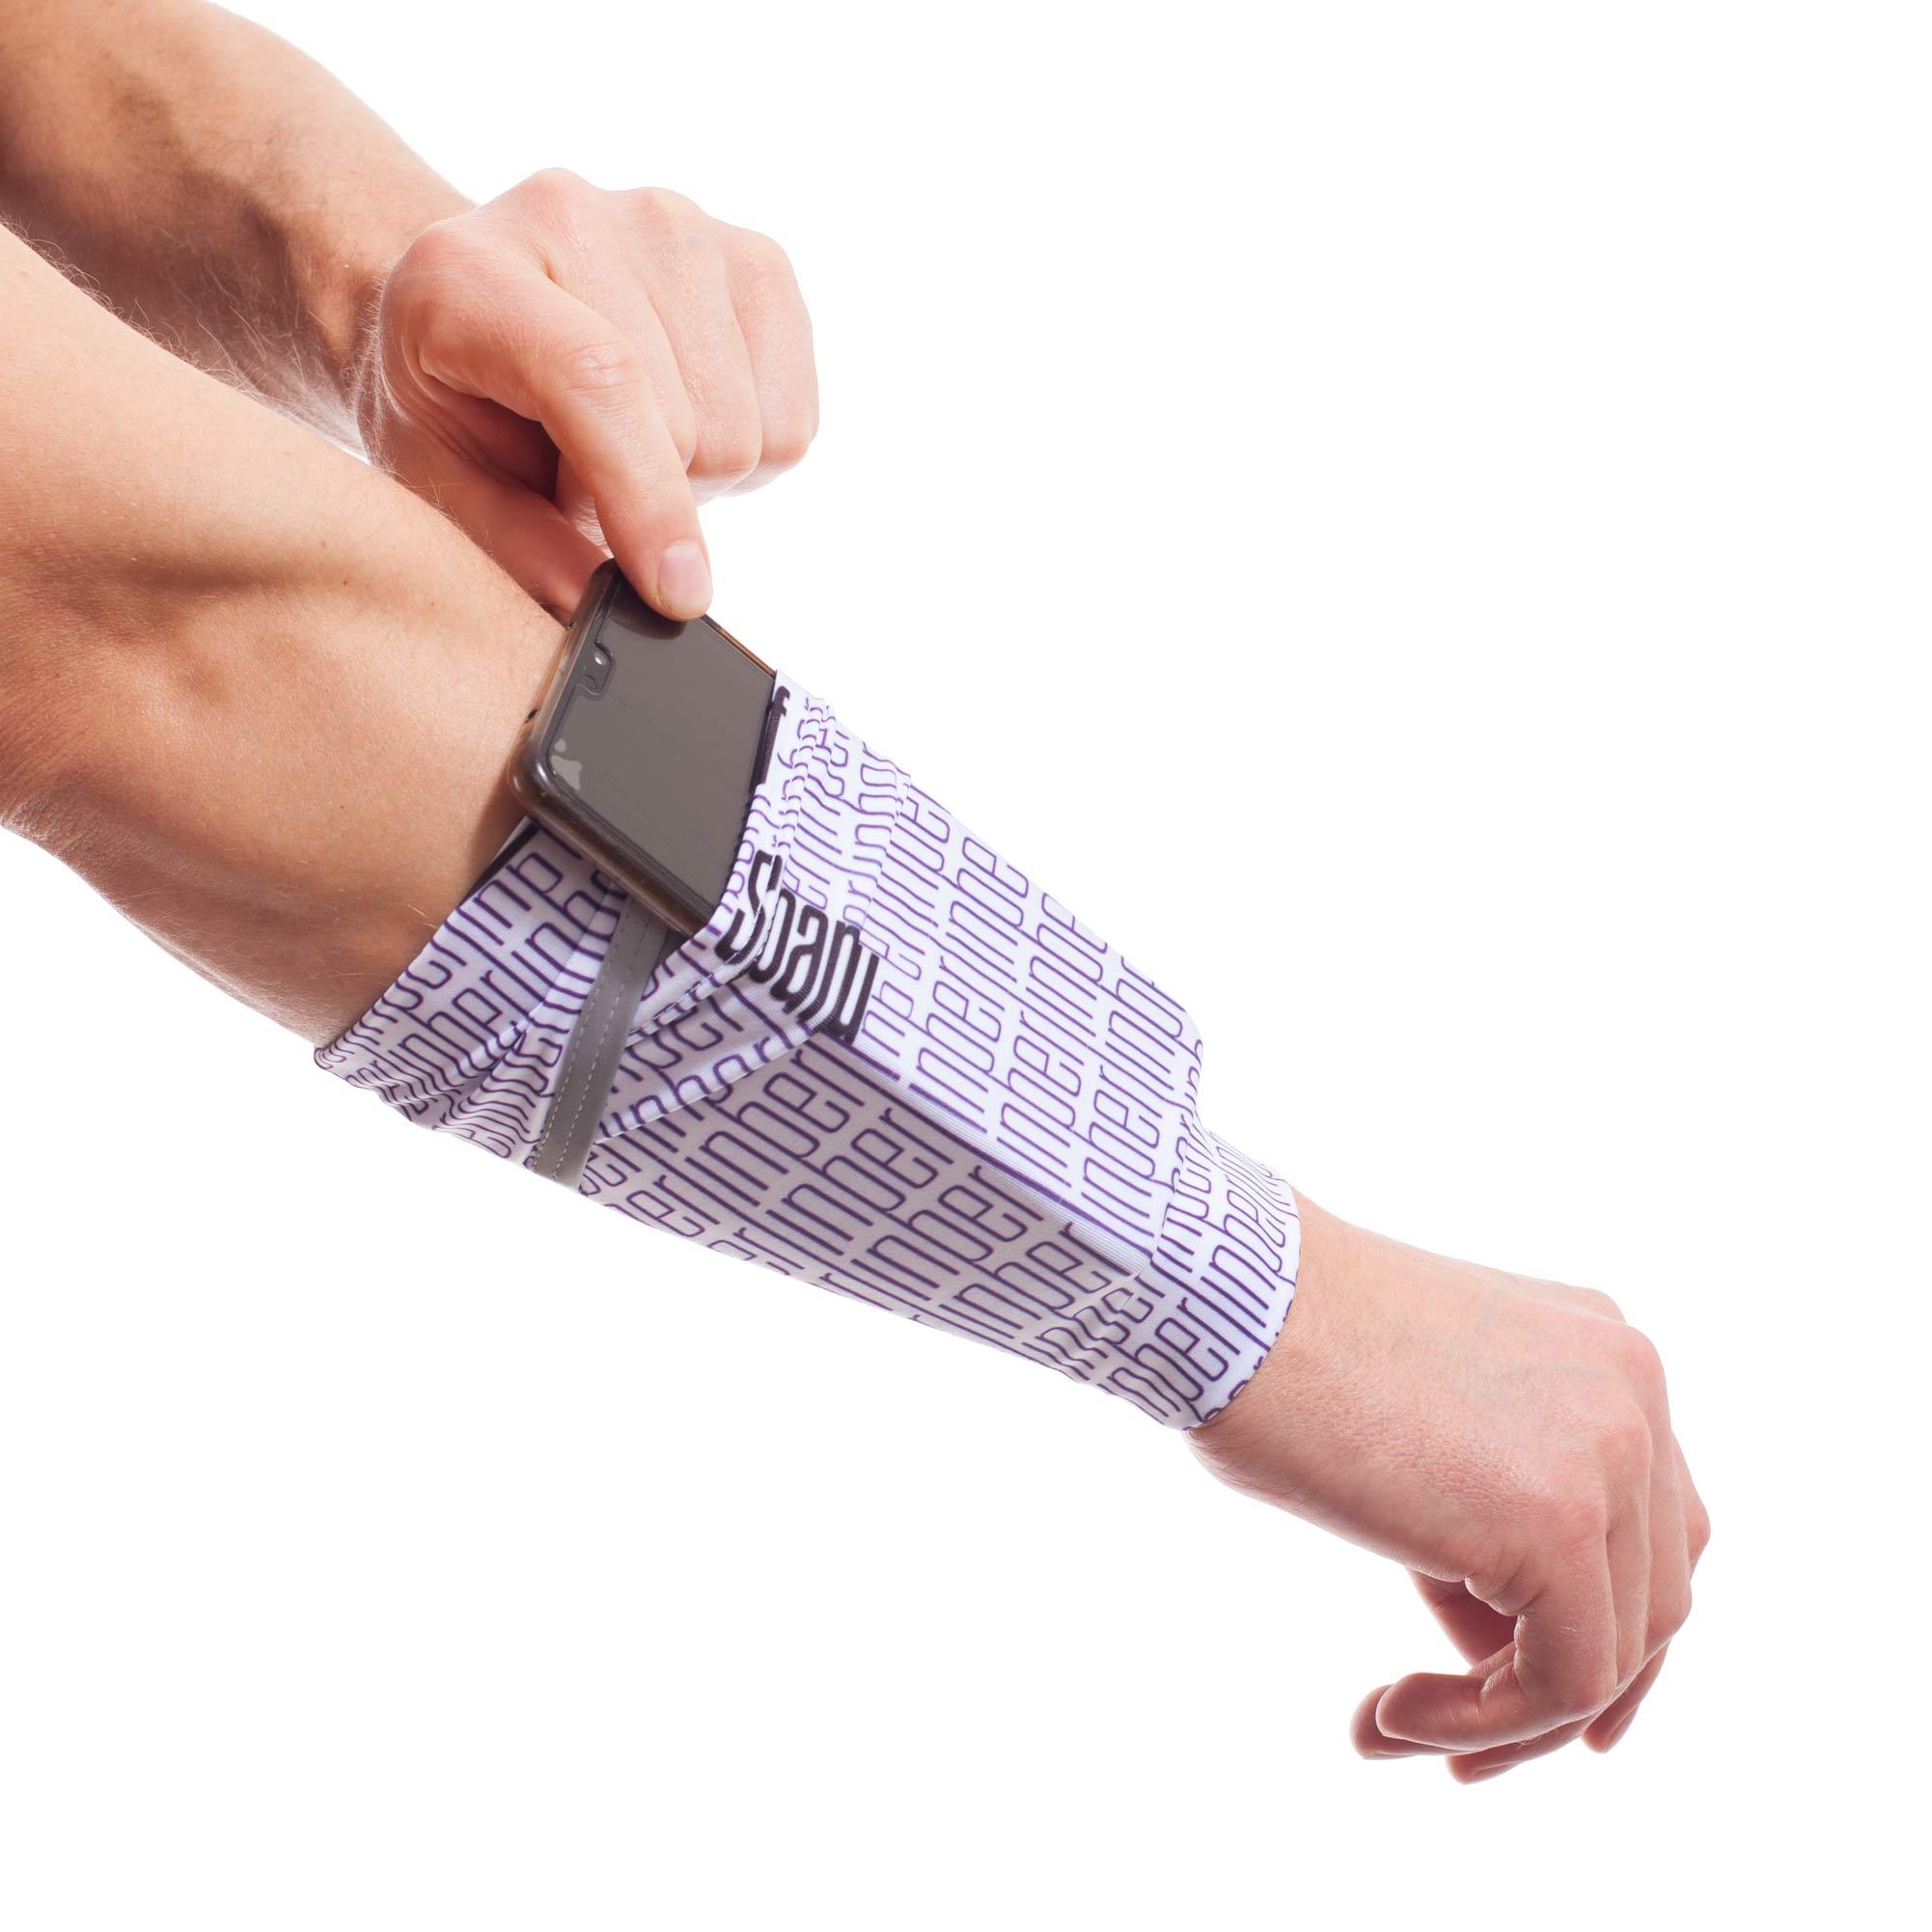 Die funktionale Armtasche mit Reflektor-Band verstaut das Handy oder den Musik-Player perfekt am Arm und lässt es so immer erreichbar sein. Größen Die Größen werden am Handgelenkumfang:  Messe direkt über dem Handgelenkknochen, nicht darauf. Schwankst du zwischen 2 Größen, wähle die größere.     Handgelenkumfang Länge   S 15 bis…